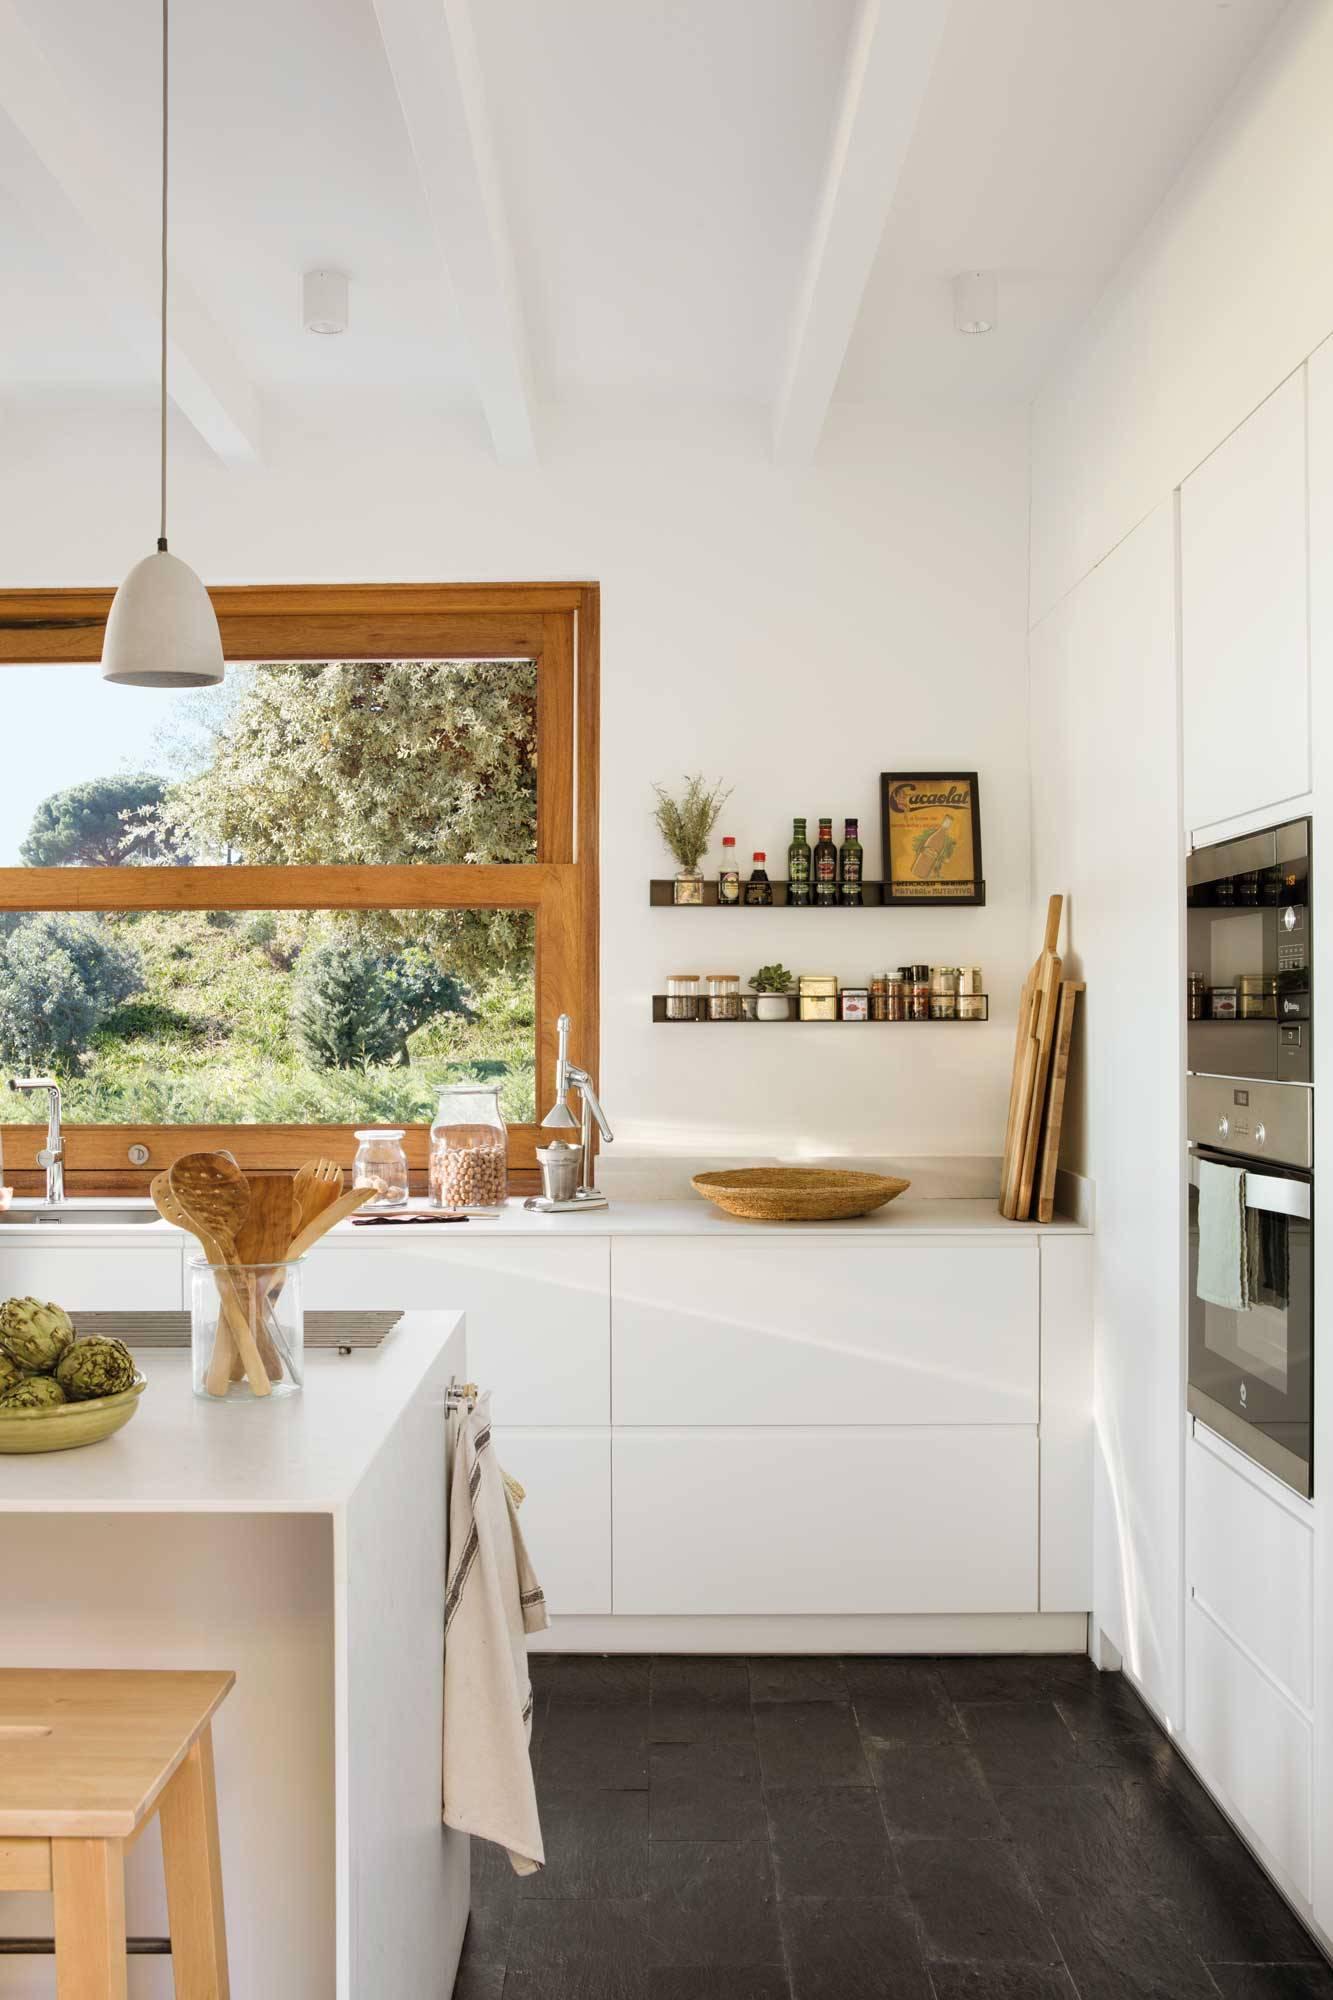 1523 Fotos De Muebles De Cocina Pagina 3